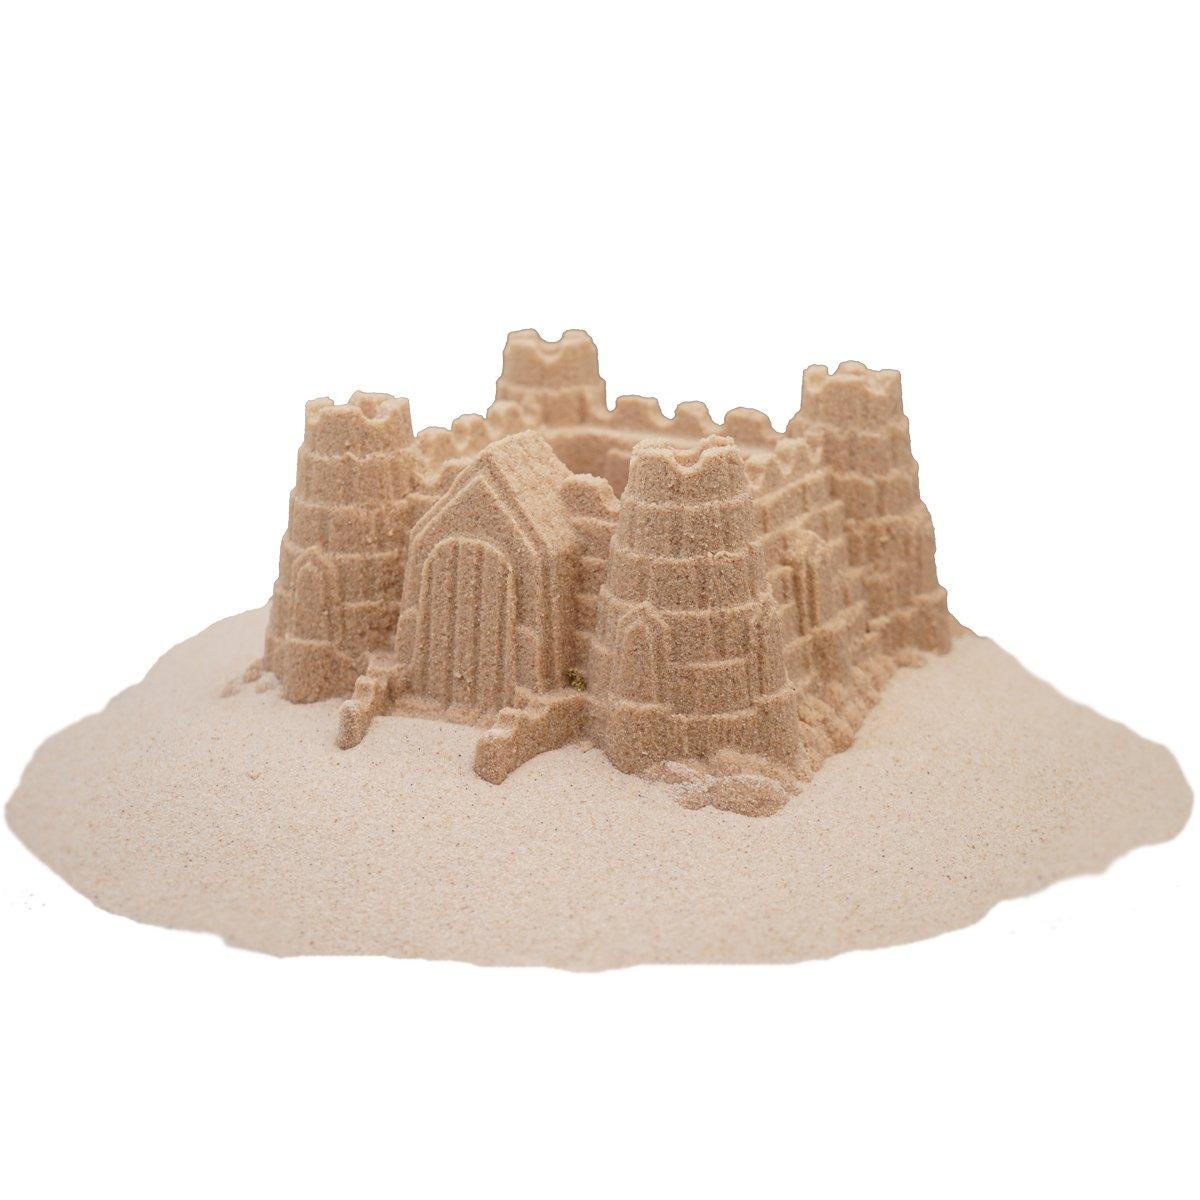 Jurassic Mojave Beige Play Sand - 50 Pound Sandbox Sand